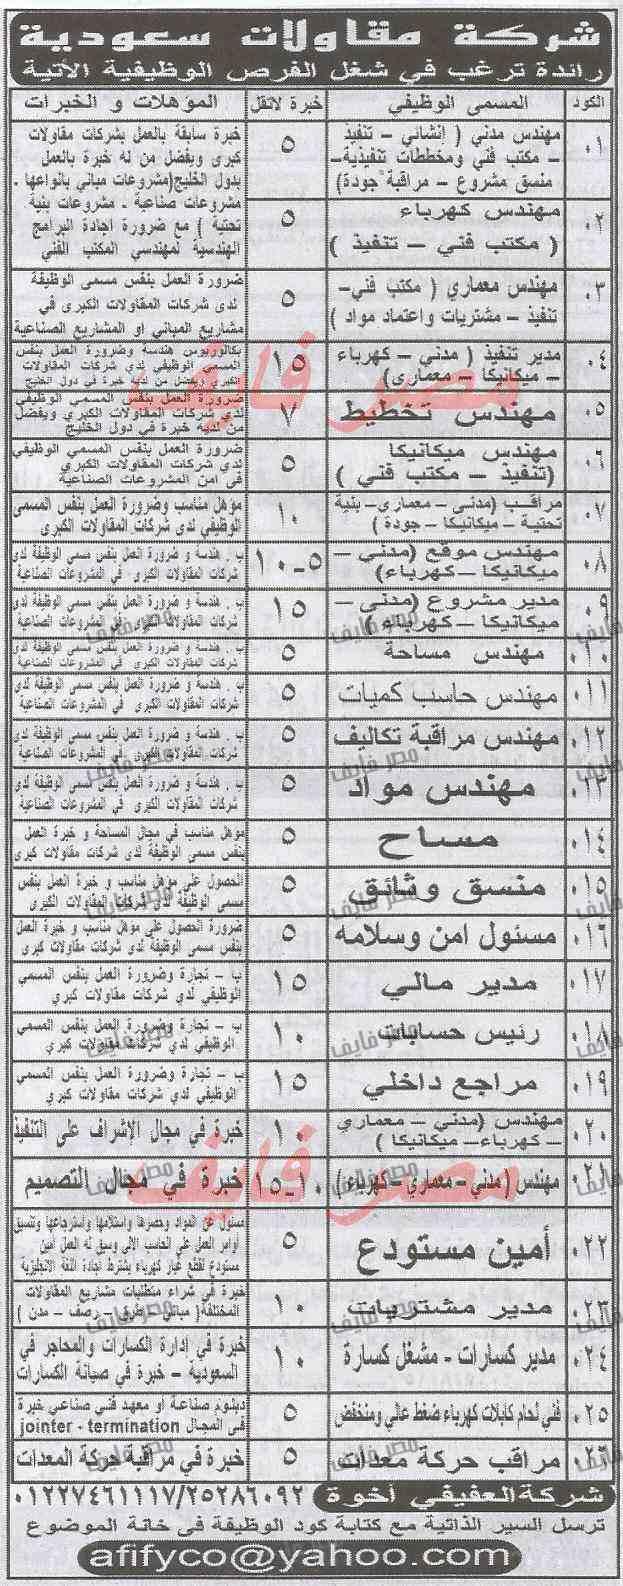 وظائف خالية جريدة الاهرام